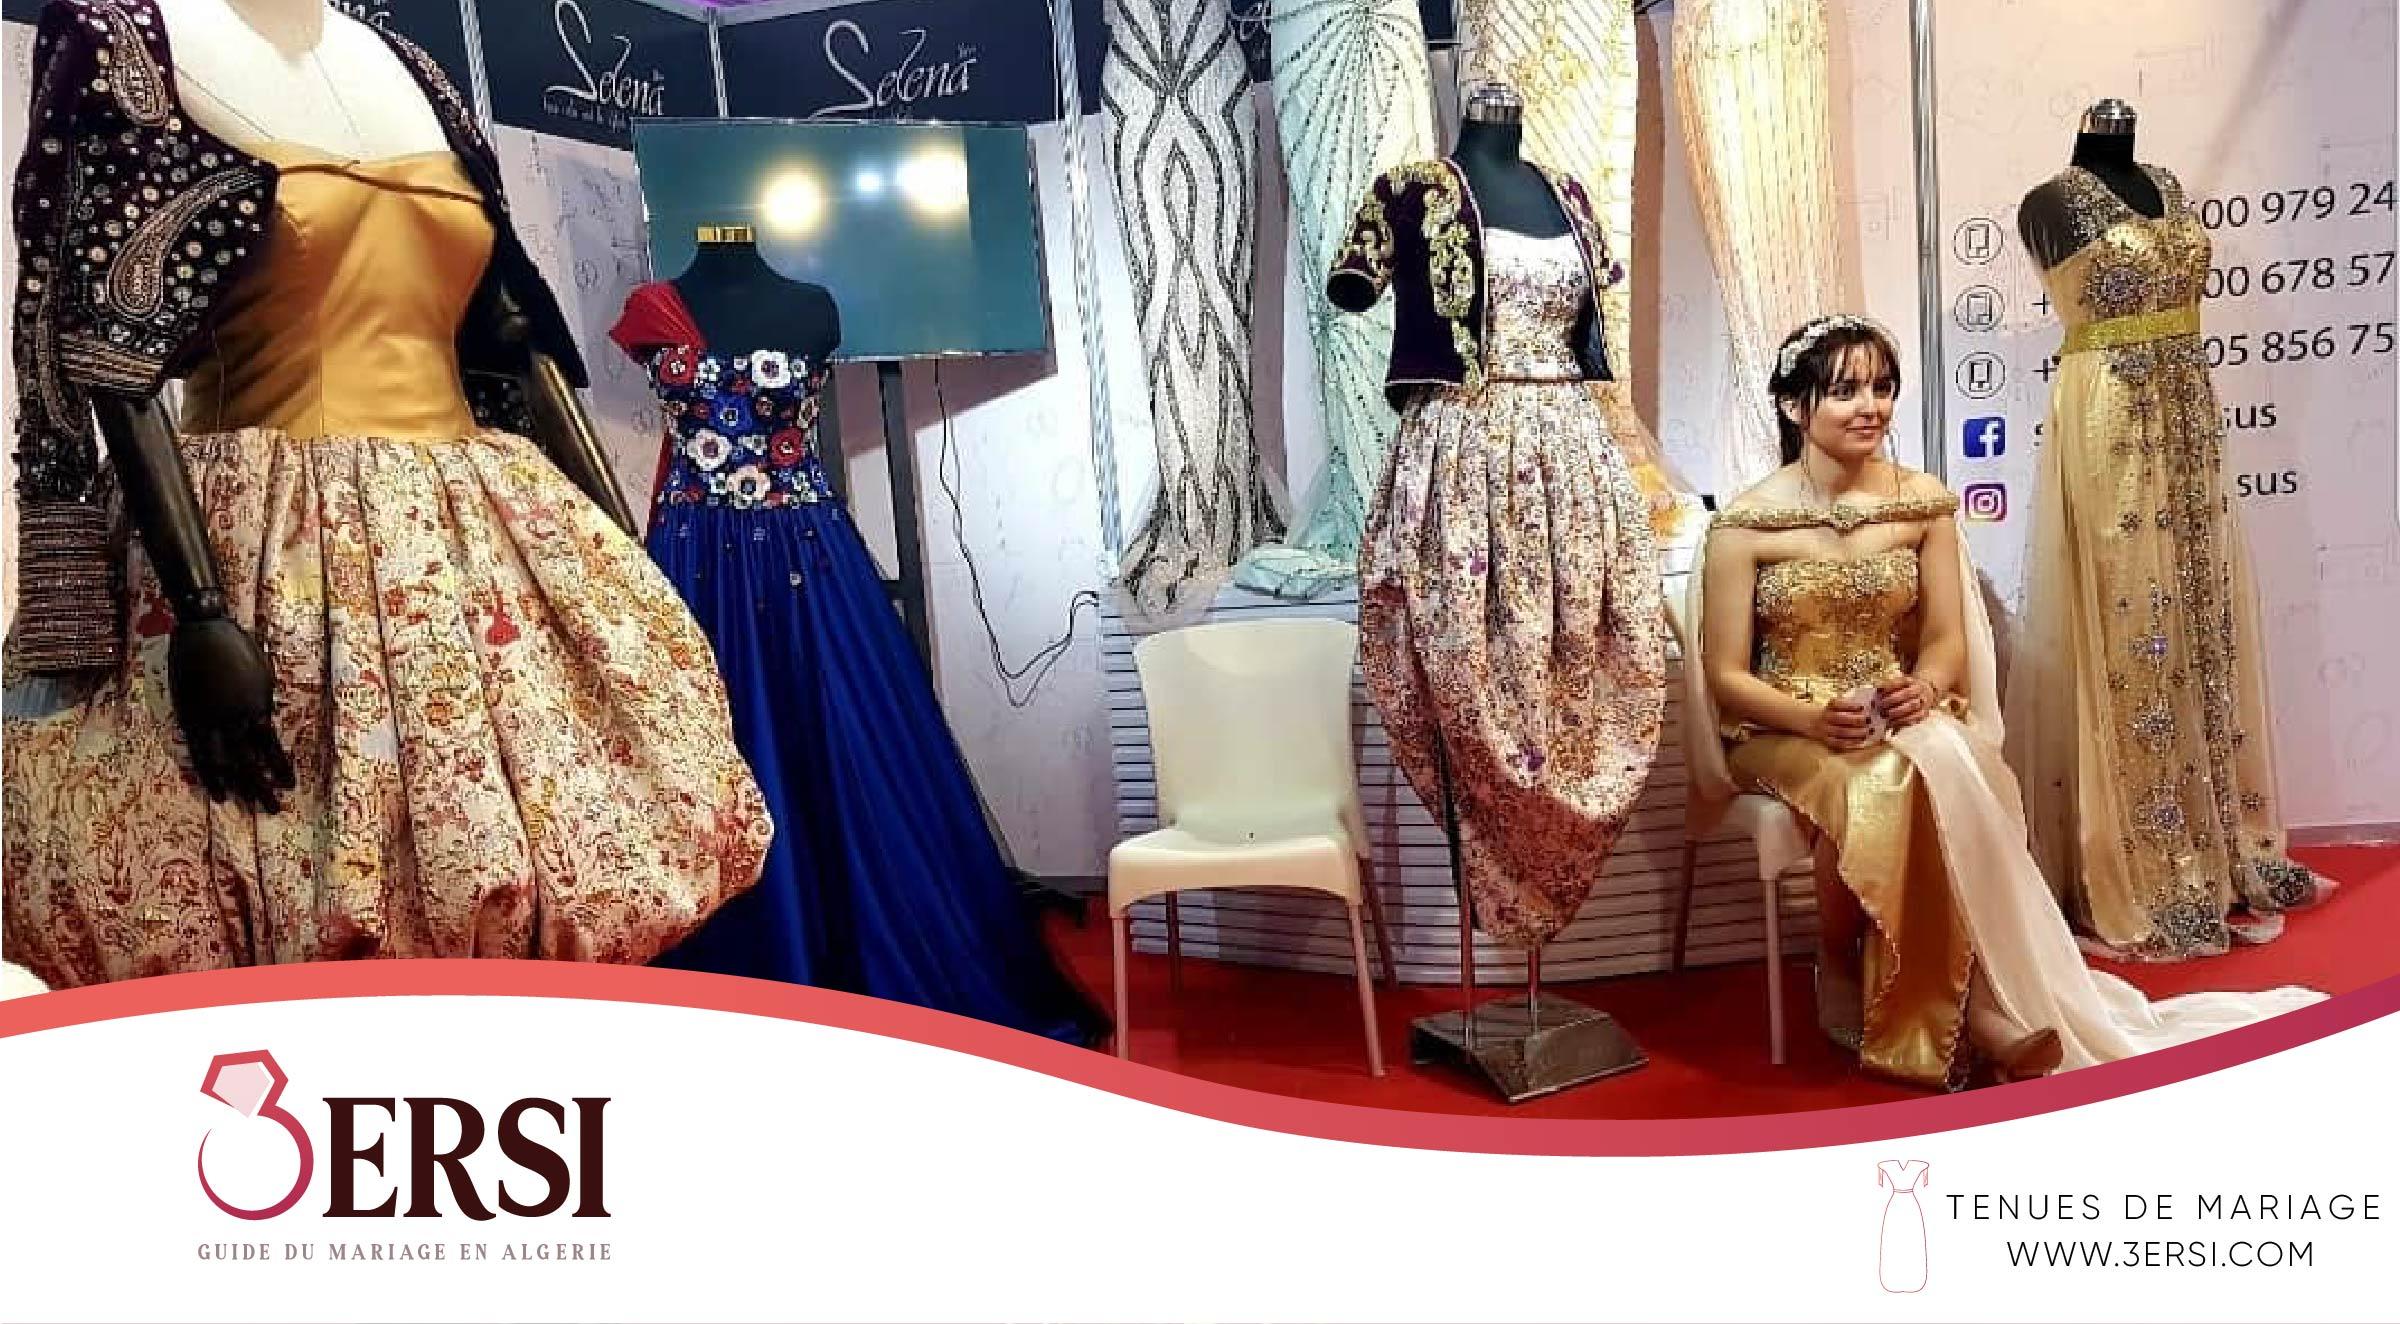 Selena Tissus, Rouïba à Alger